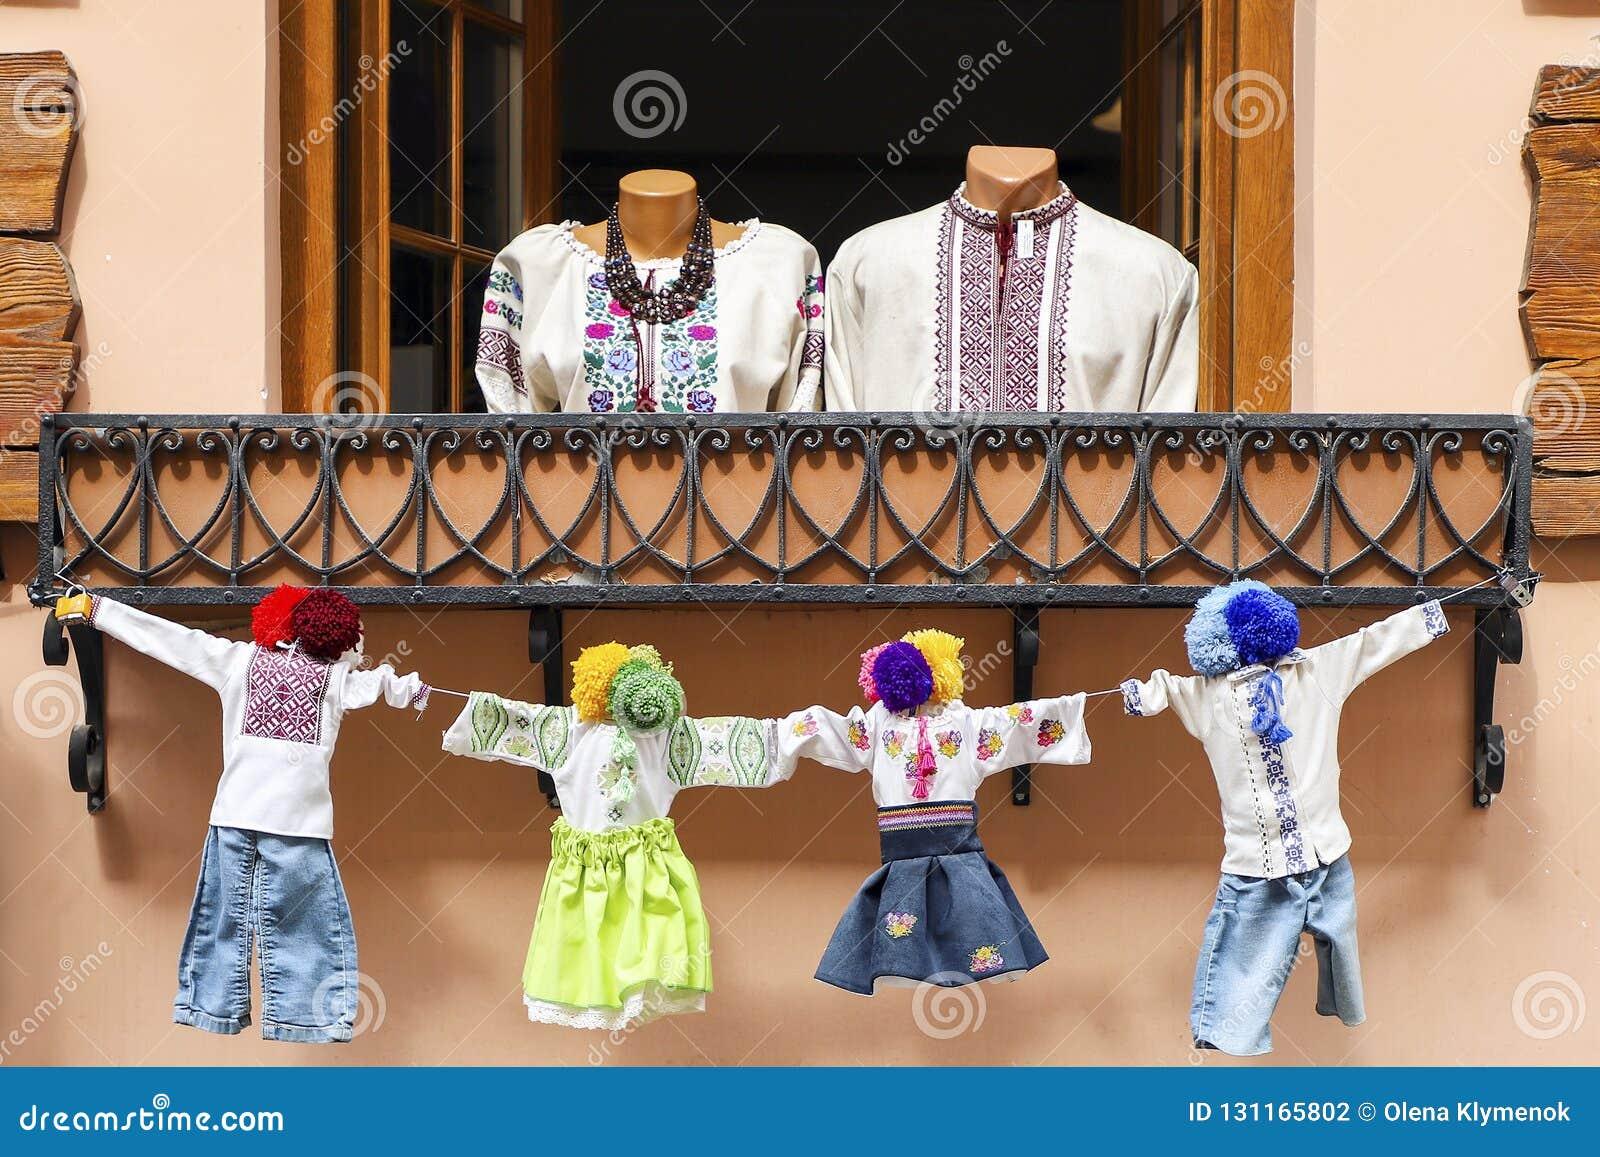 Ukrainische nationale Kostüme, die Familie bedeuten